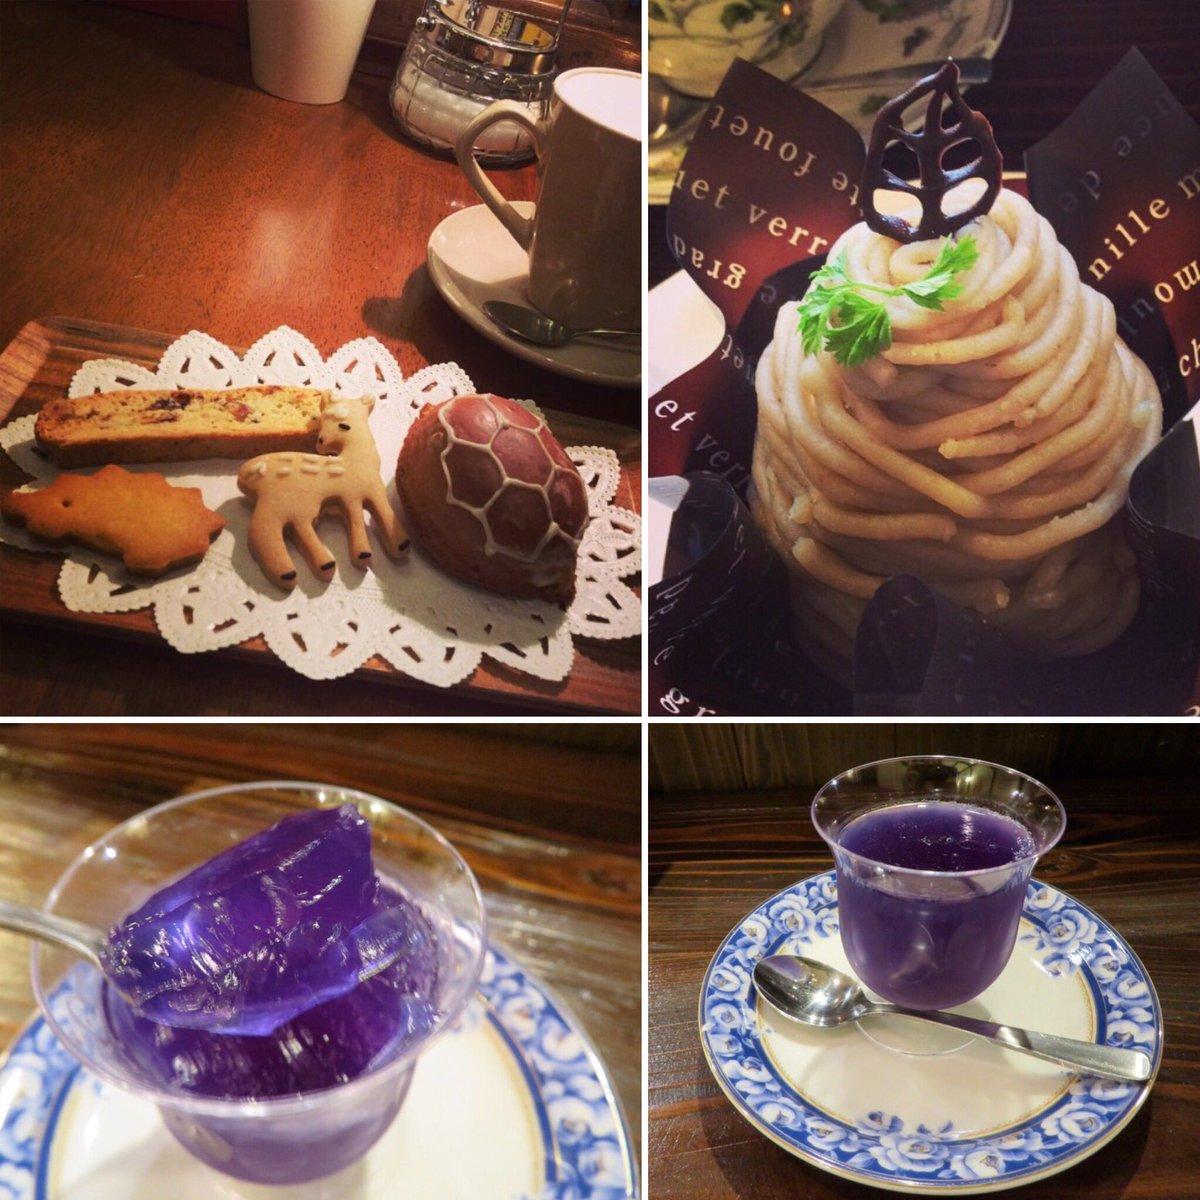 test ツイッターメディア - 以前行った時の写真を見つけたので😊秋冬限定の和栗モンブラン、正倉院宝物「瑠璃杯」インスパイアのゼリー。バタフライピーのブルーが美しいー。その時々の旬のフルーツを使った生ケーキは行ってみてのお楽しみ。焼き菓子も和紅茶の豆乳ラテもとてもとても美味しいです。#奈良 #ぷちまるカフェ さん https://t.co/zEQuKS4OIz